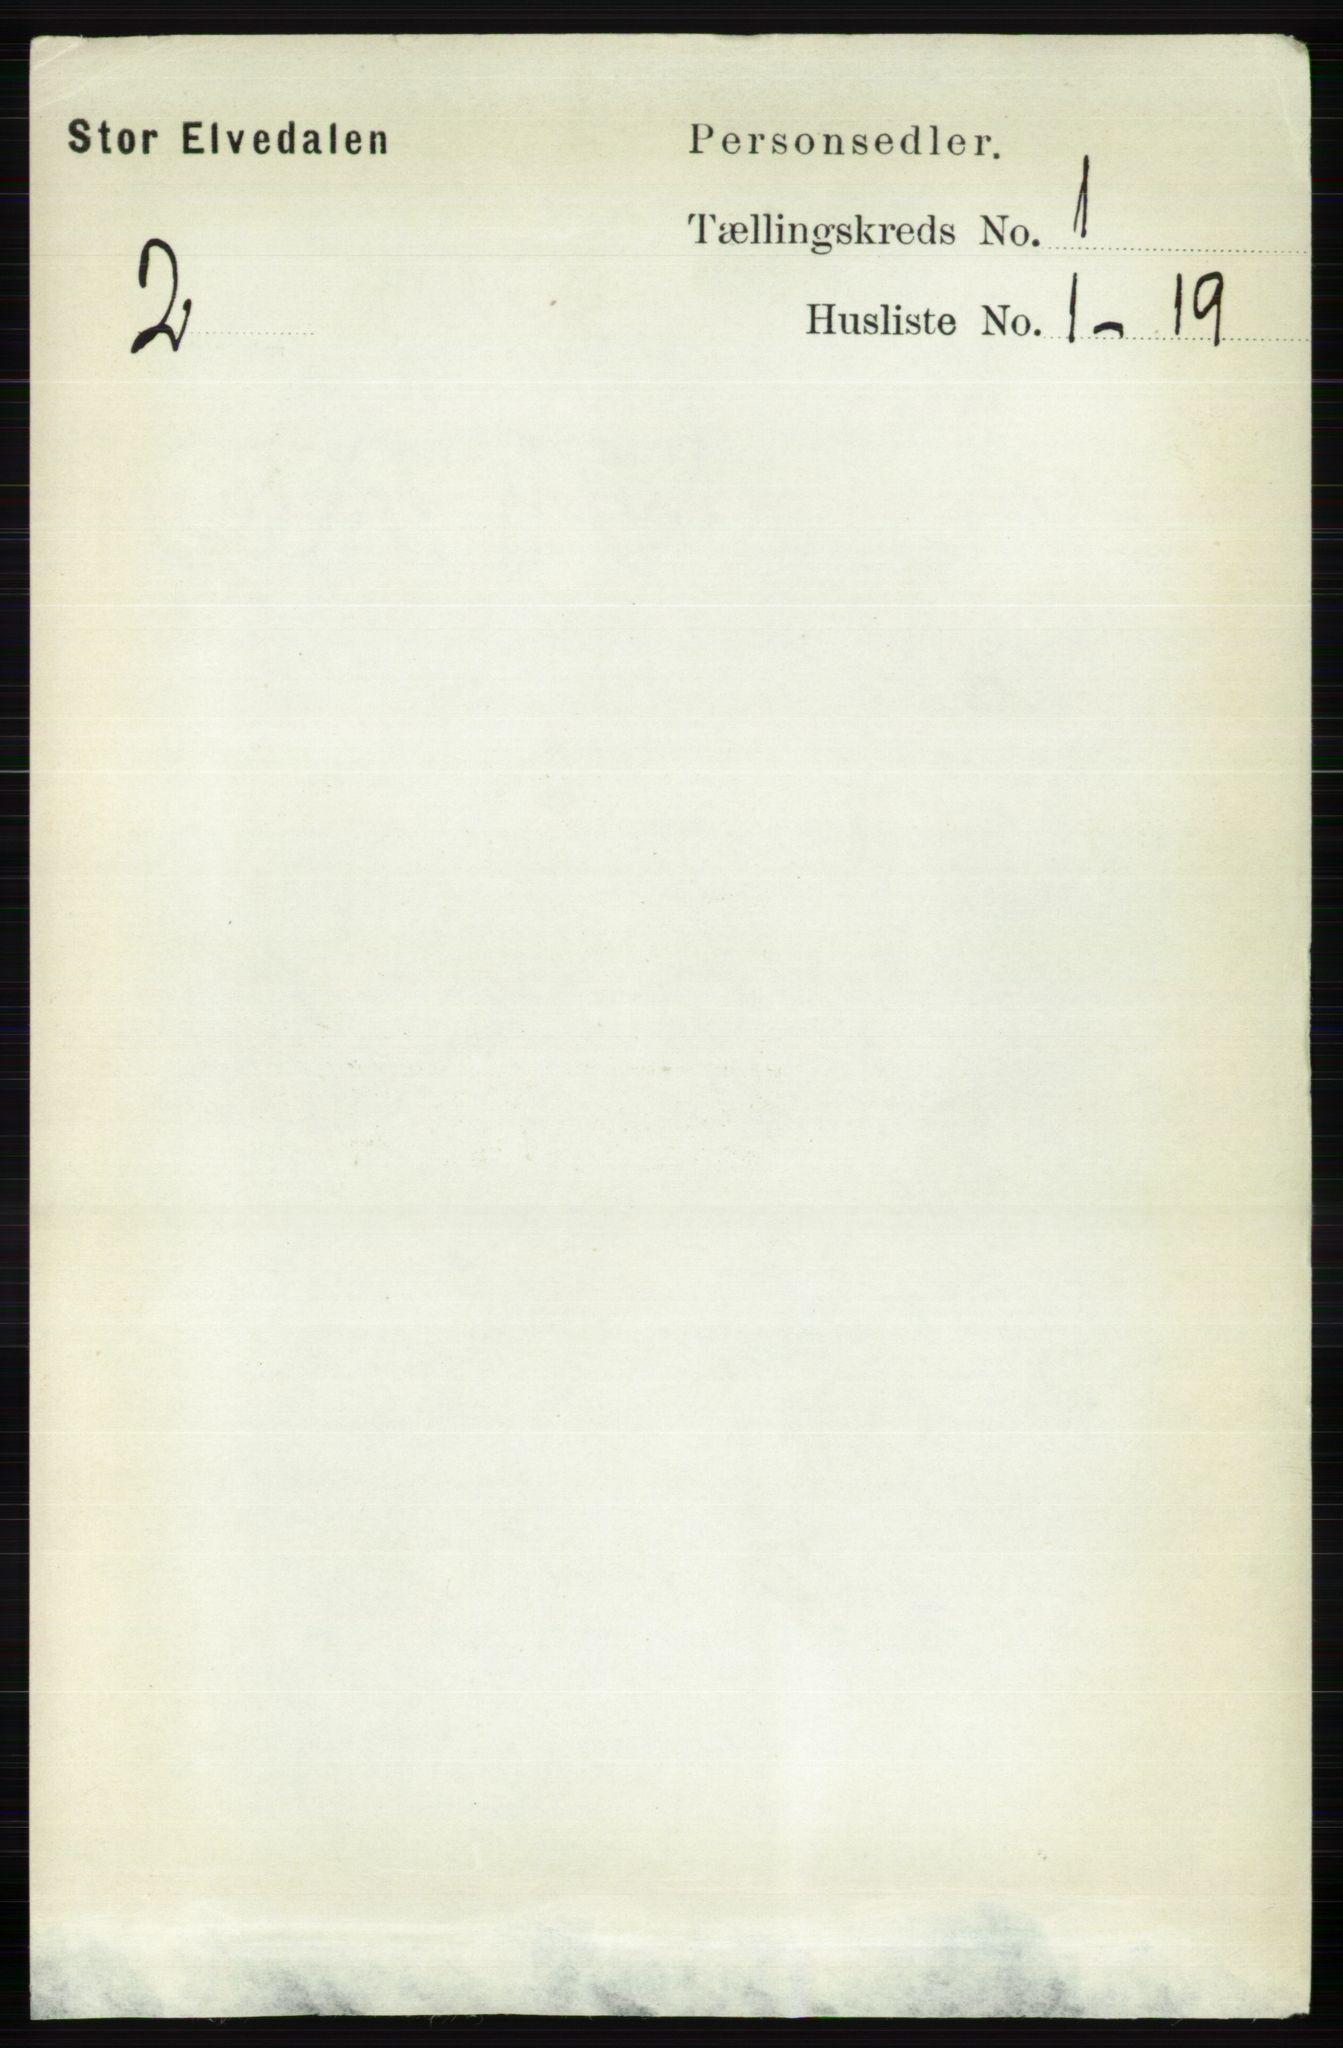 RA, Folketelling 1891 for 0430 Stor-Elvdal herred, 1891, s. 70